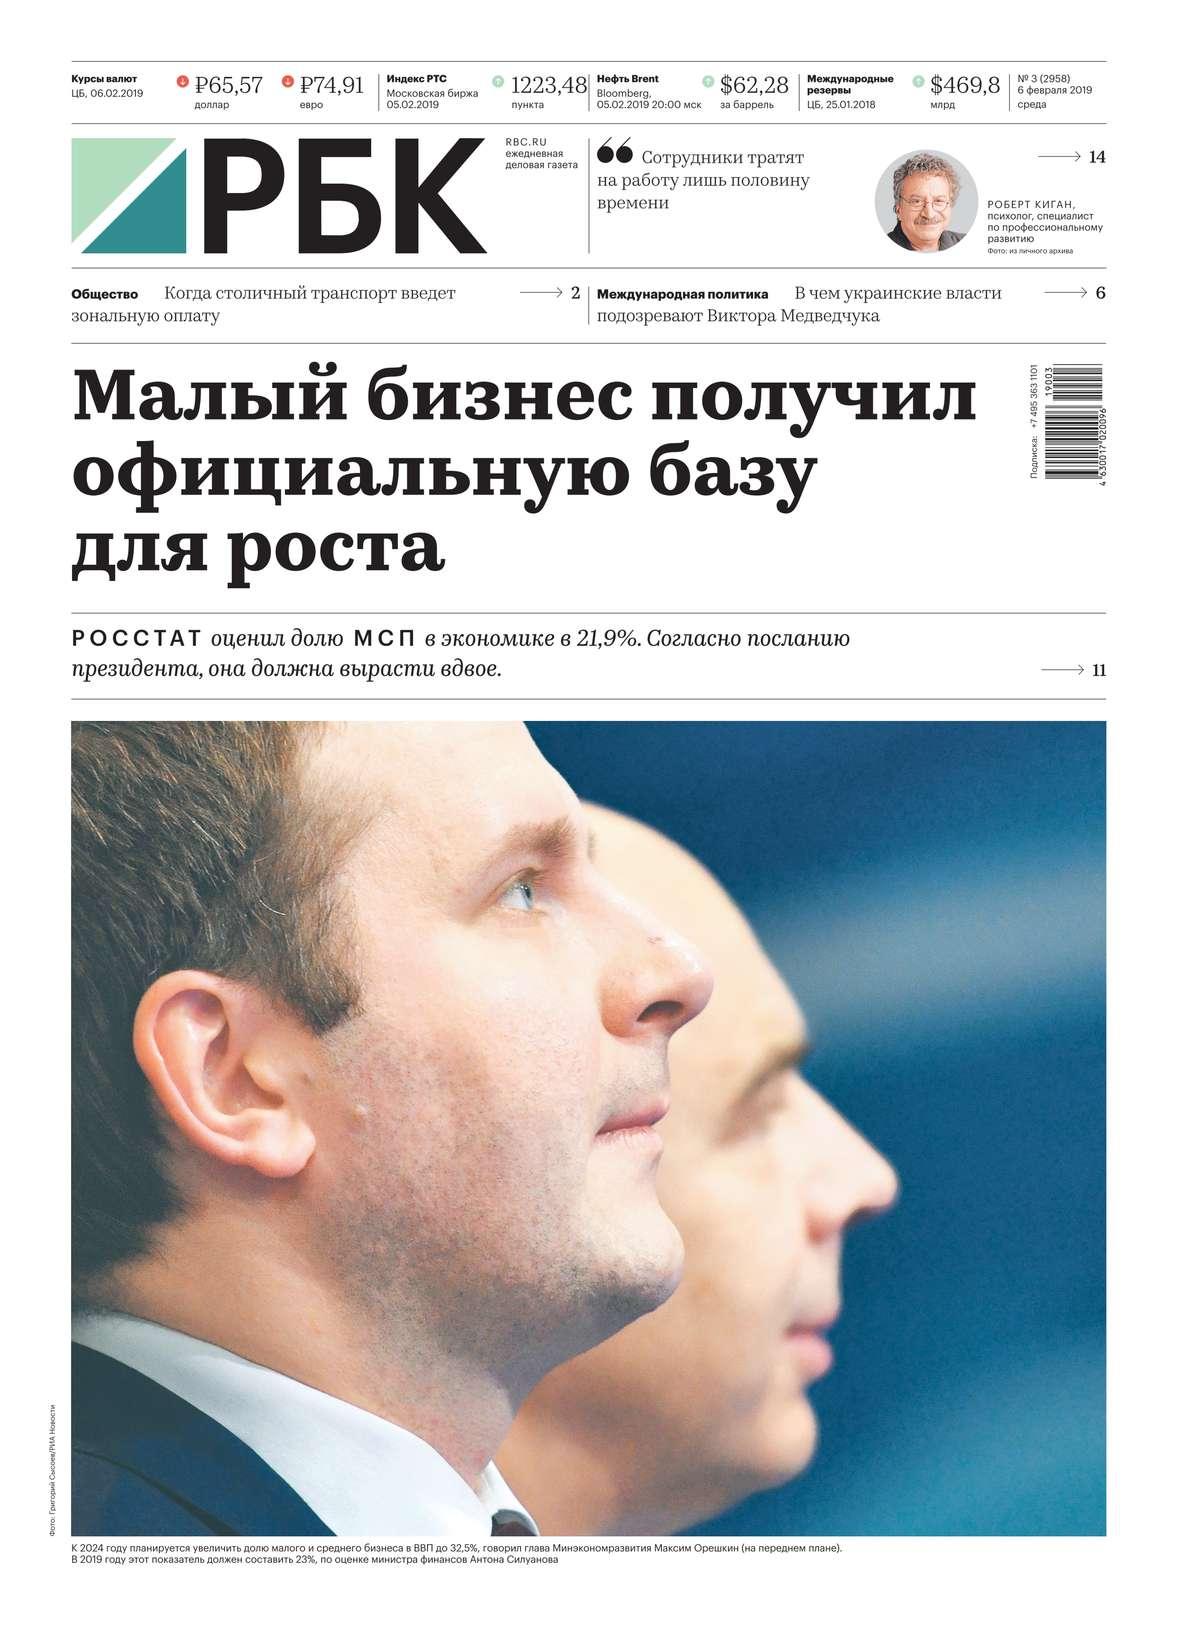 Ежедневная Деловая Газета Рбк 03-2019